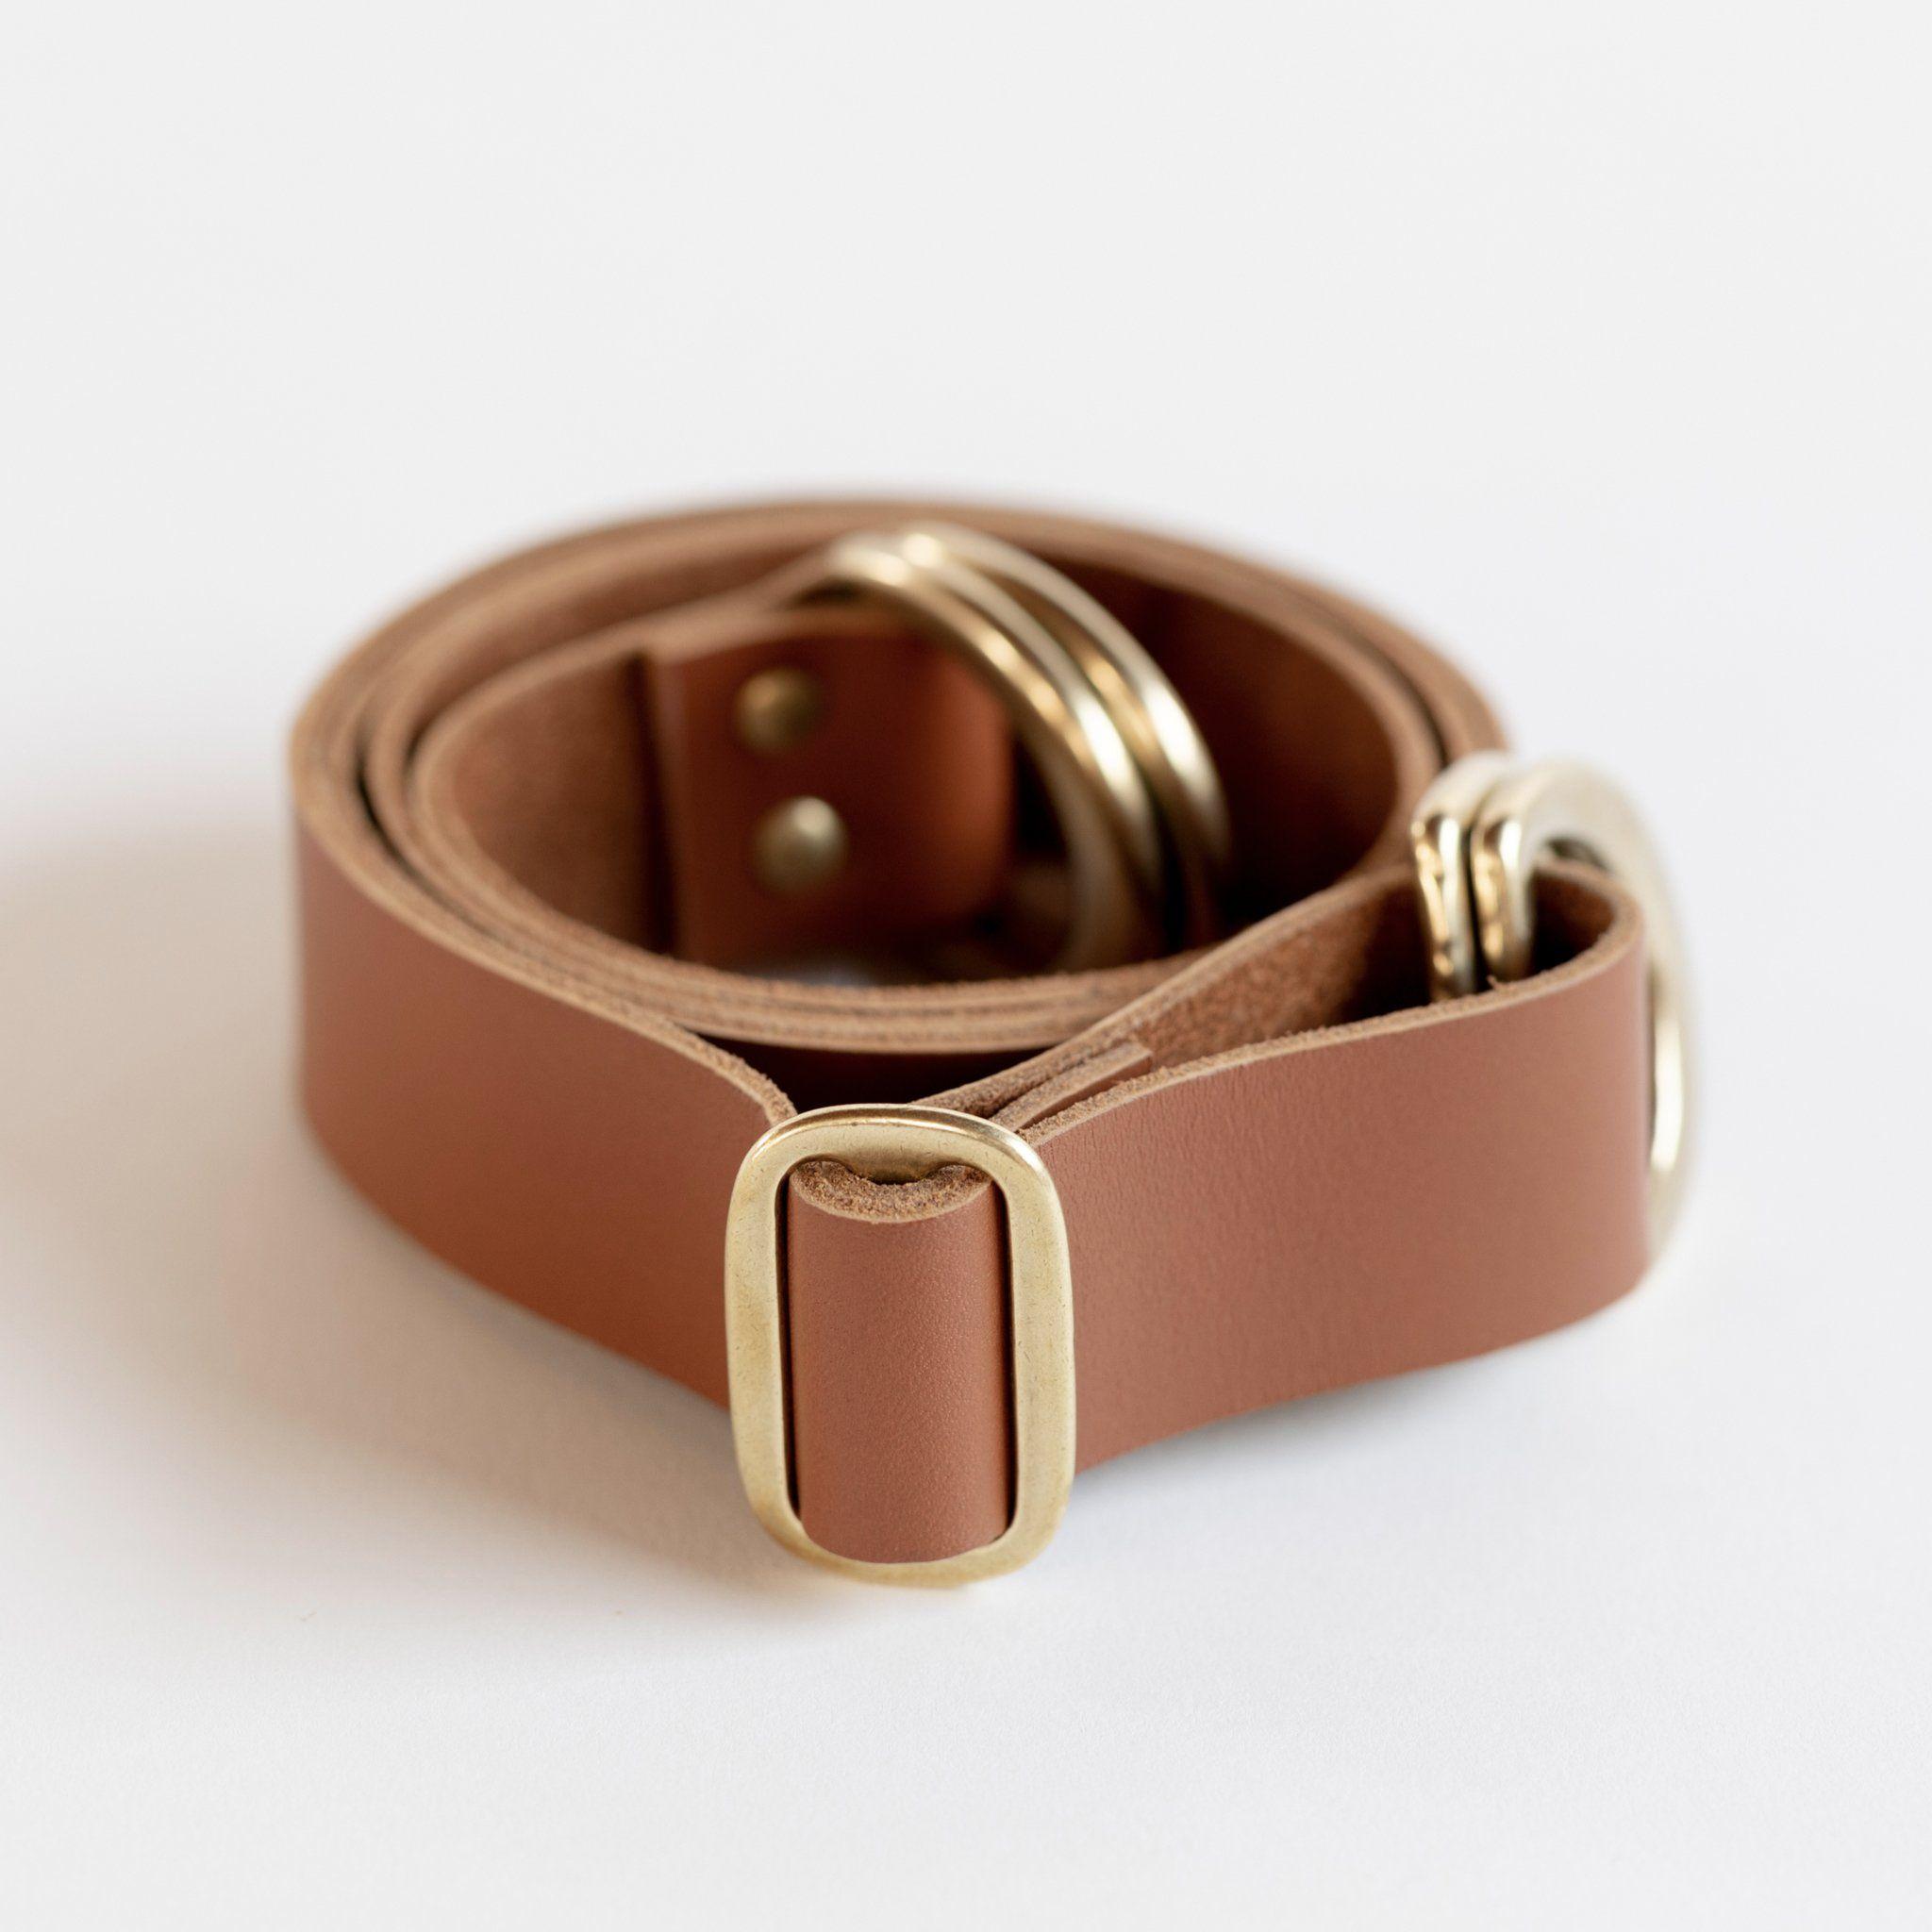 Adjustable Leather Strap (Caramel)【2020】